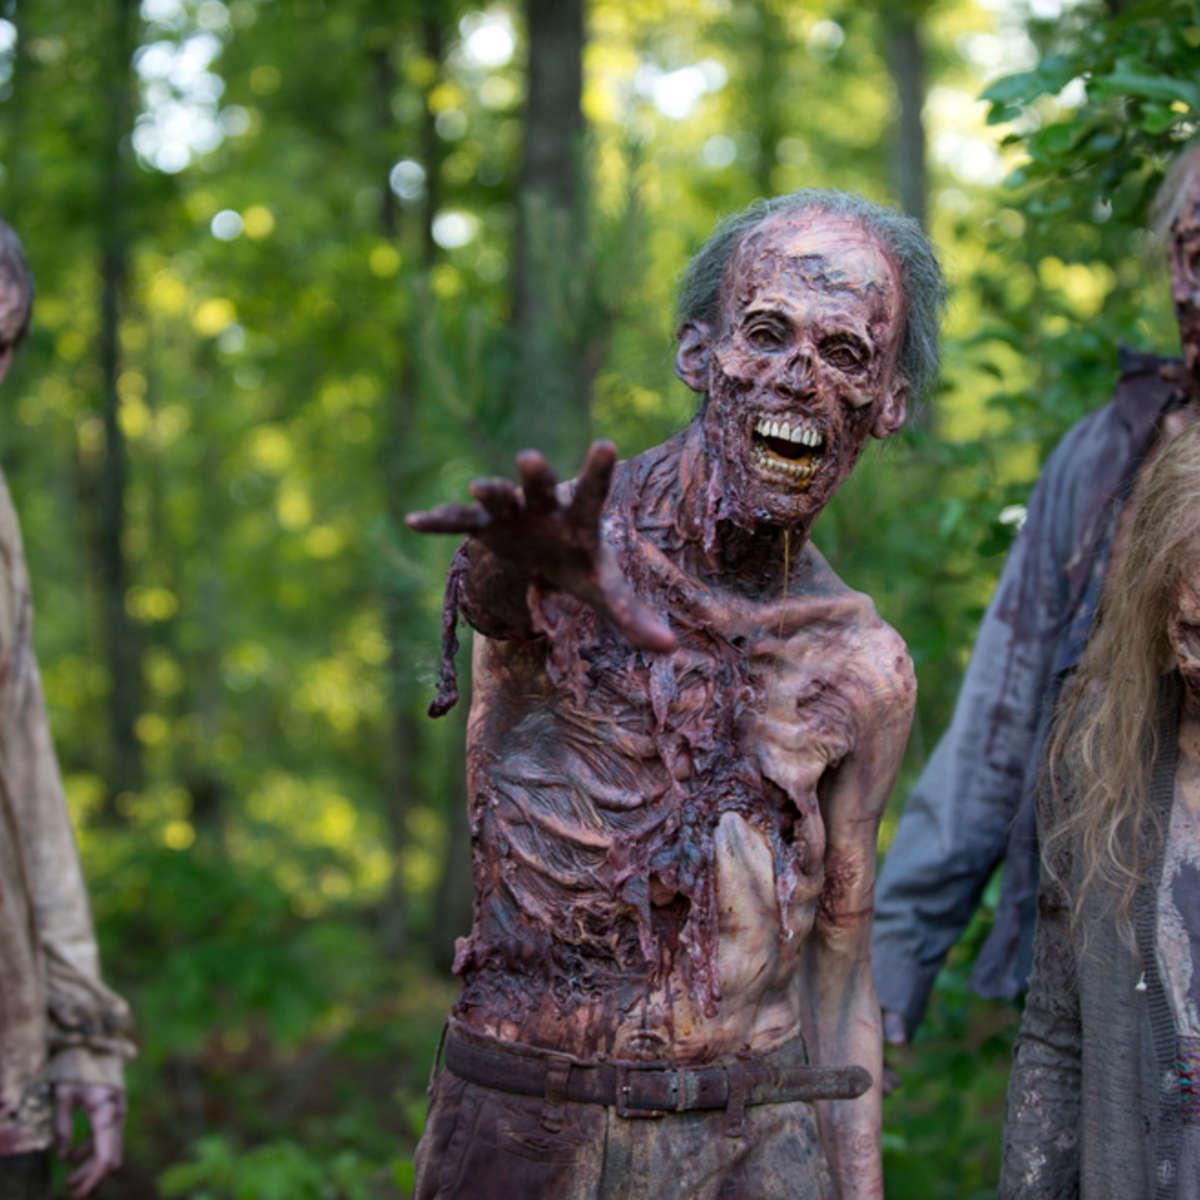 the-walking-dead-episode-601-walkers-3-935.jpg